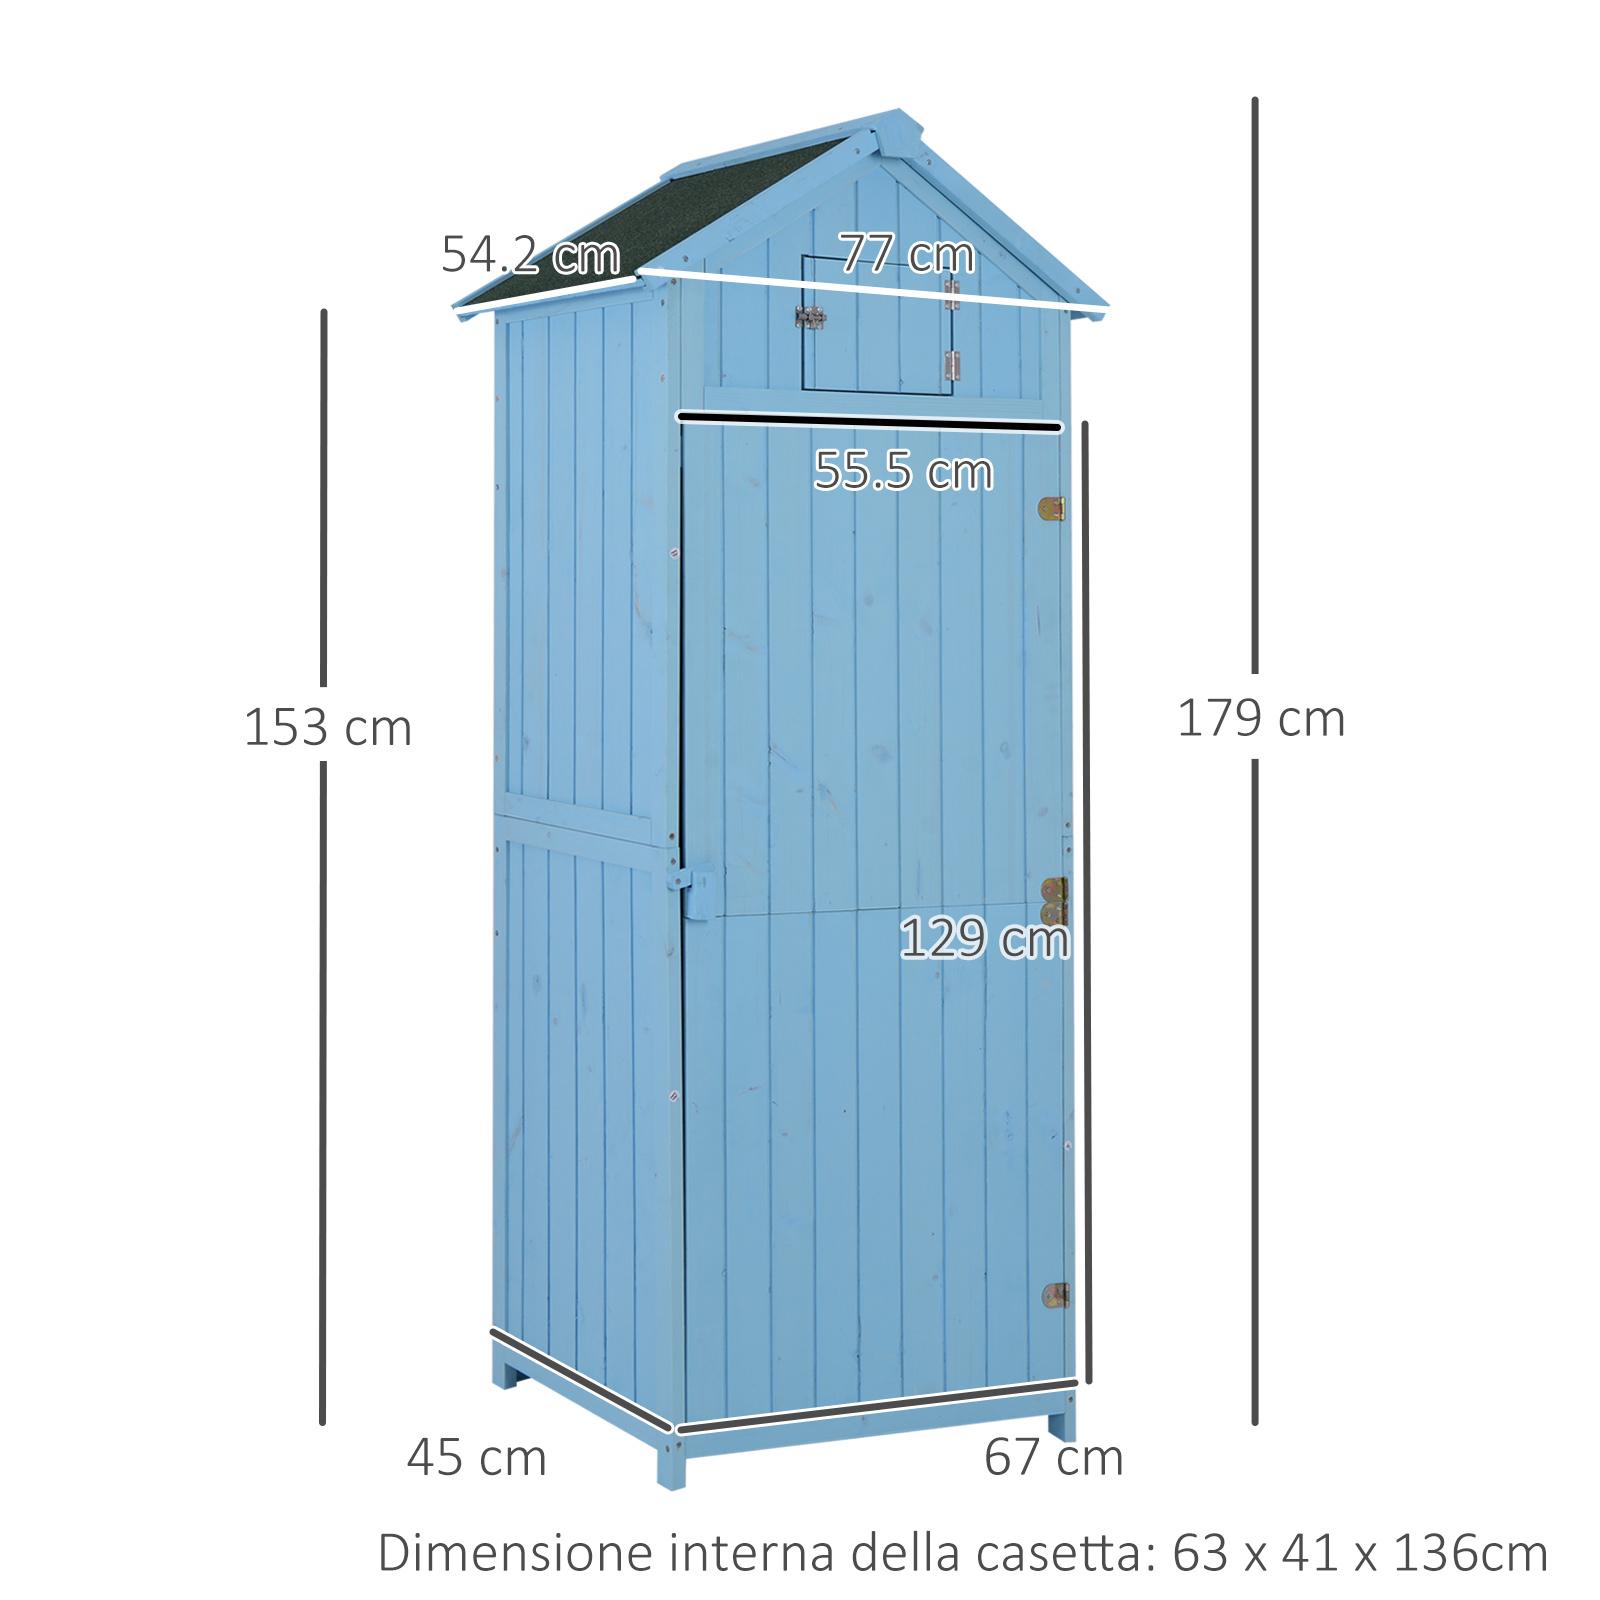 miniatura 5 - Outsunny  Armadietto da Giardino Esterno Porta Attrezzi in Legno con 3 Mensole